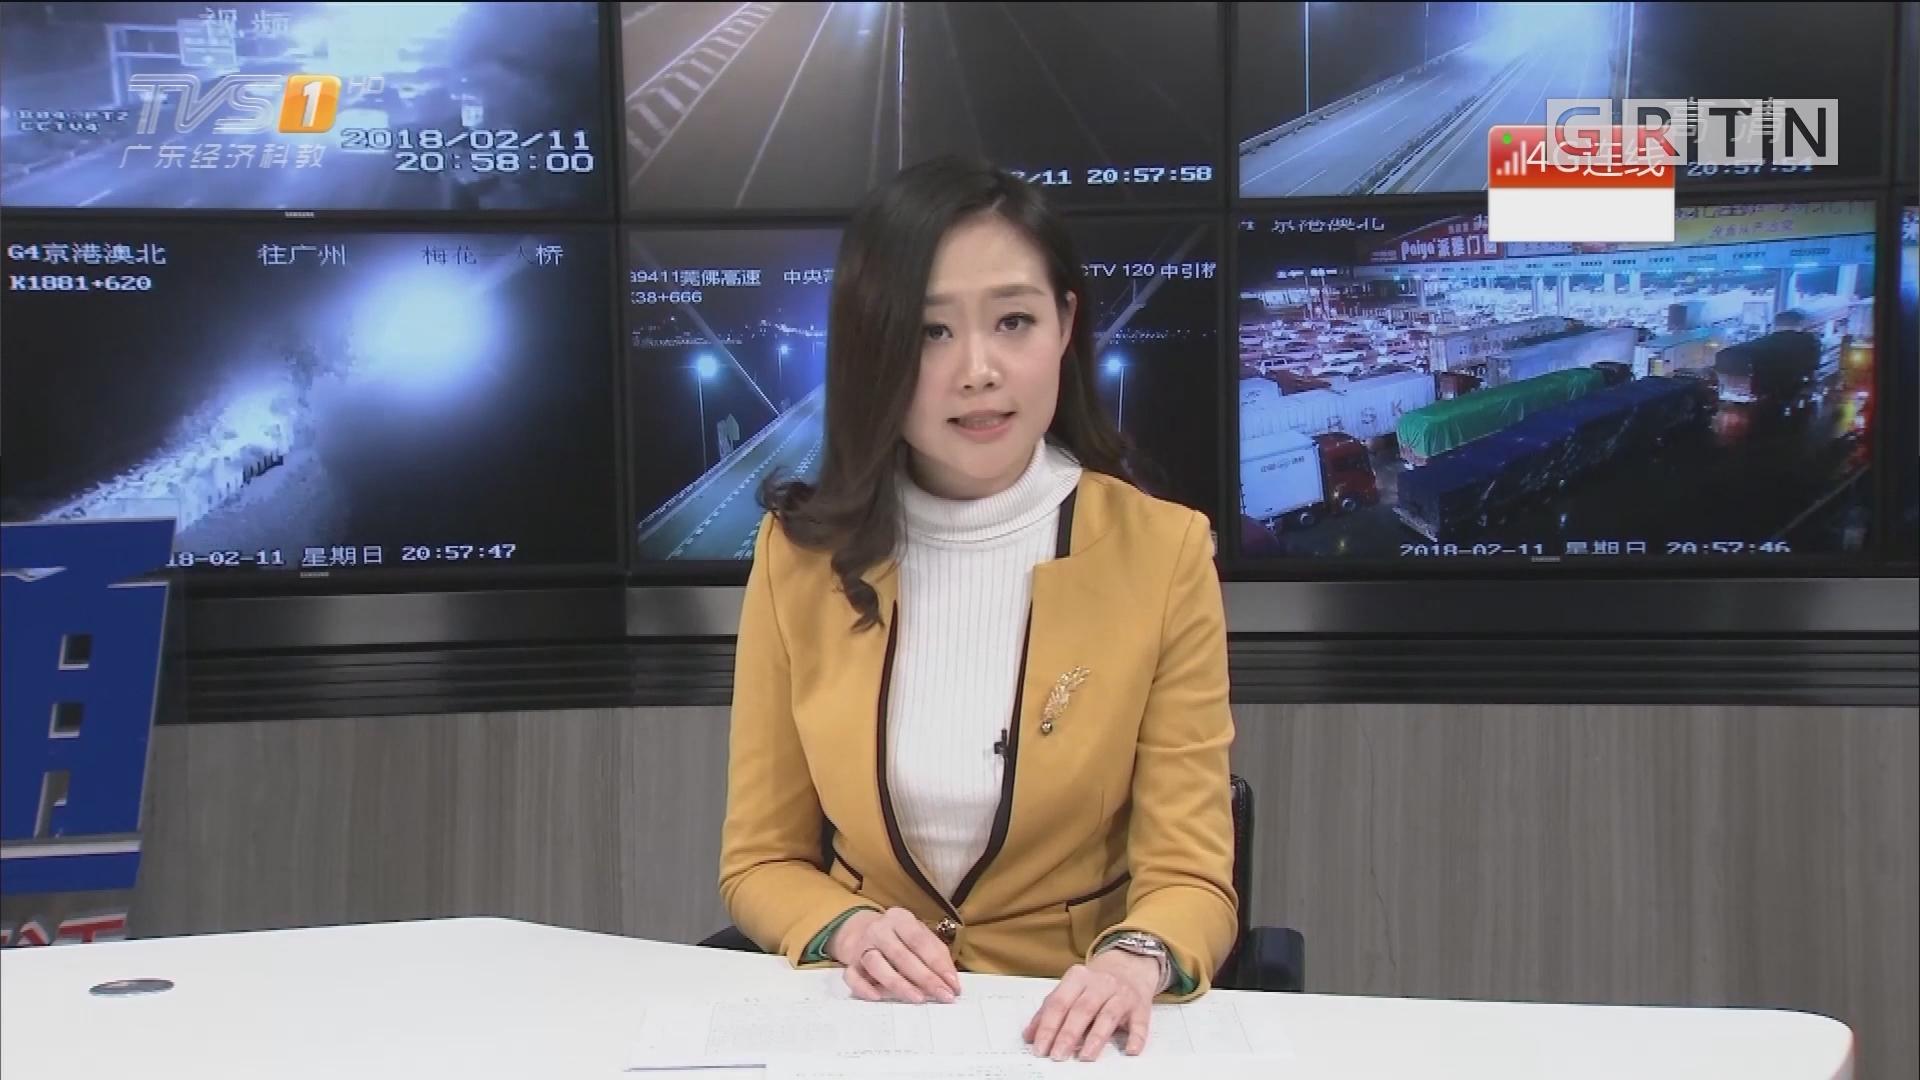 直播连线:省交通监控中心 车流量有所回落